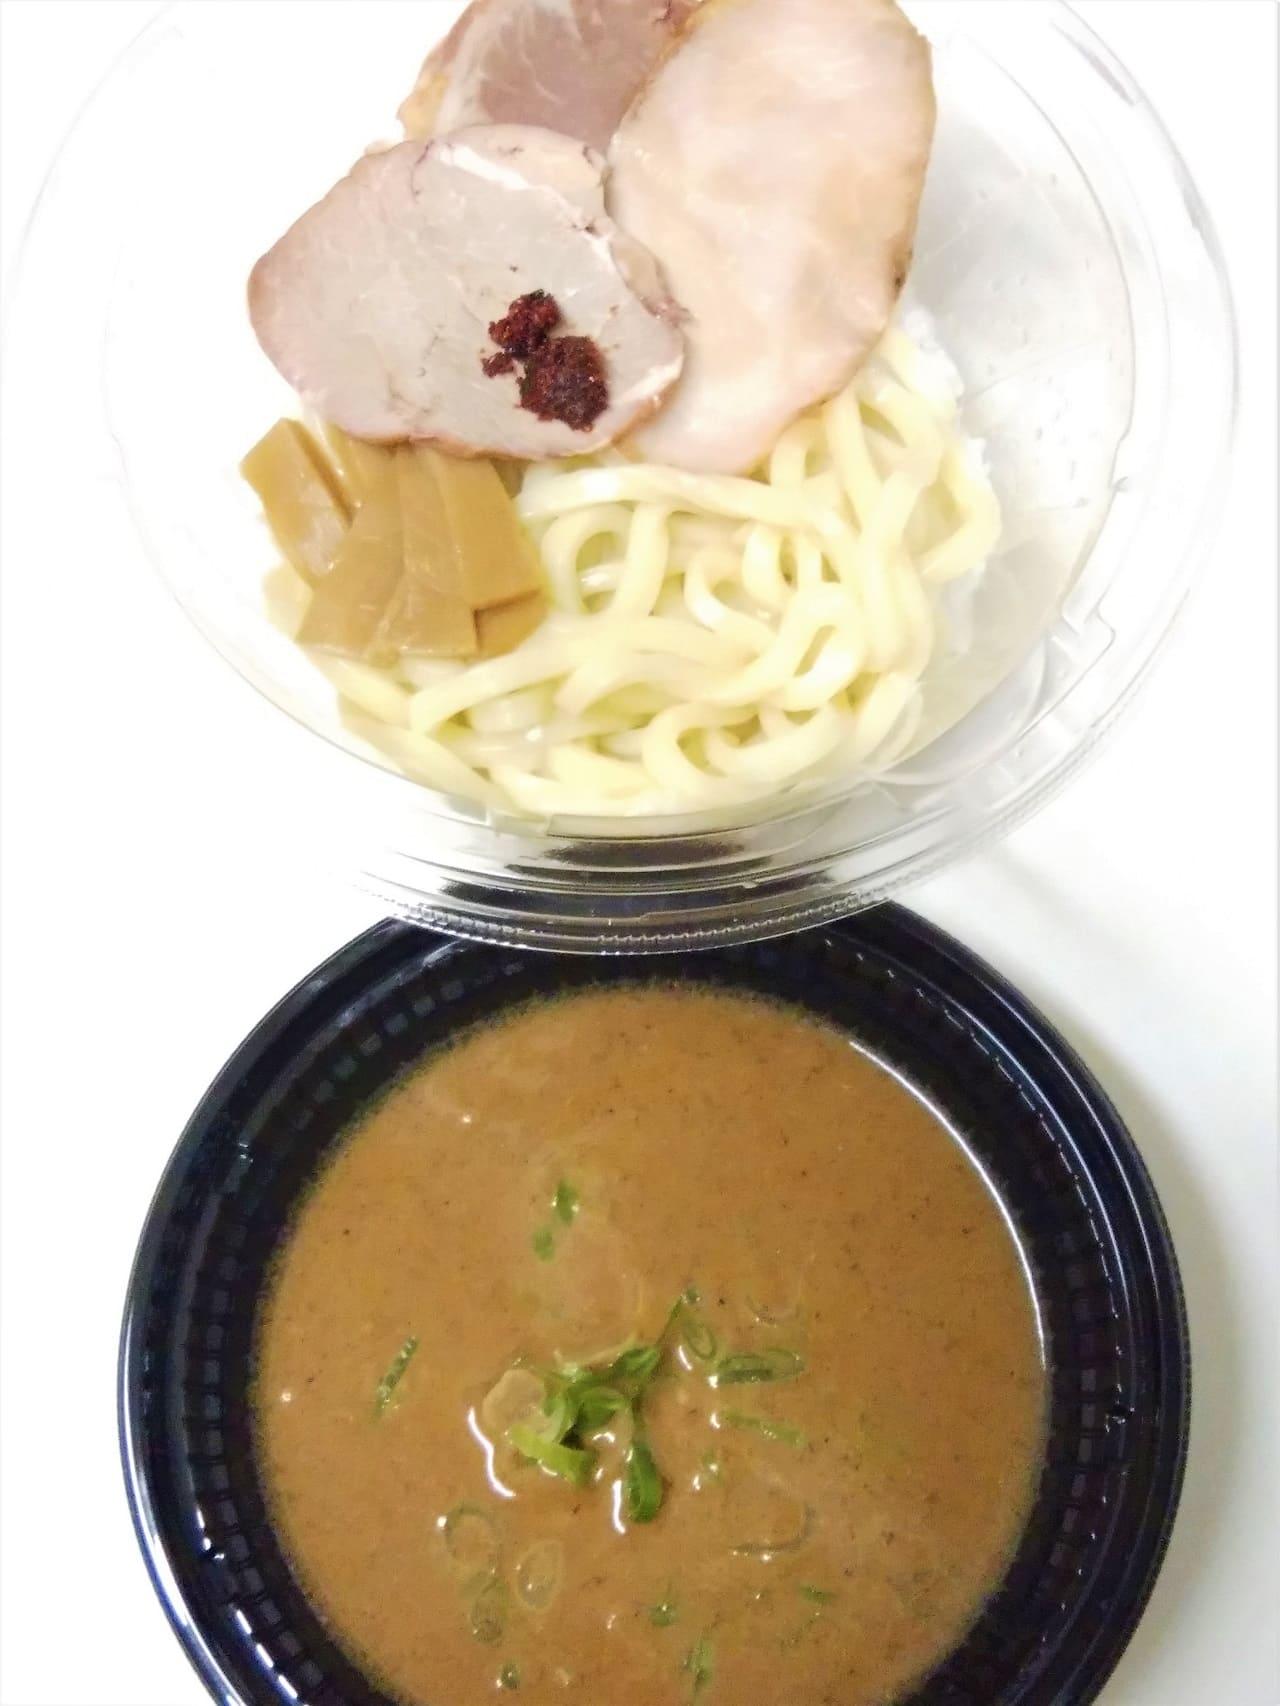 セブンイレブンの中華蕎麦とみ田監修濃厚豚骨魚介冷しW焼豚つけ麵